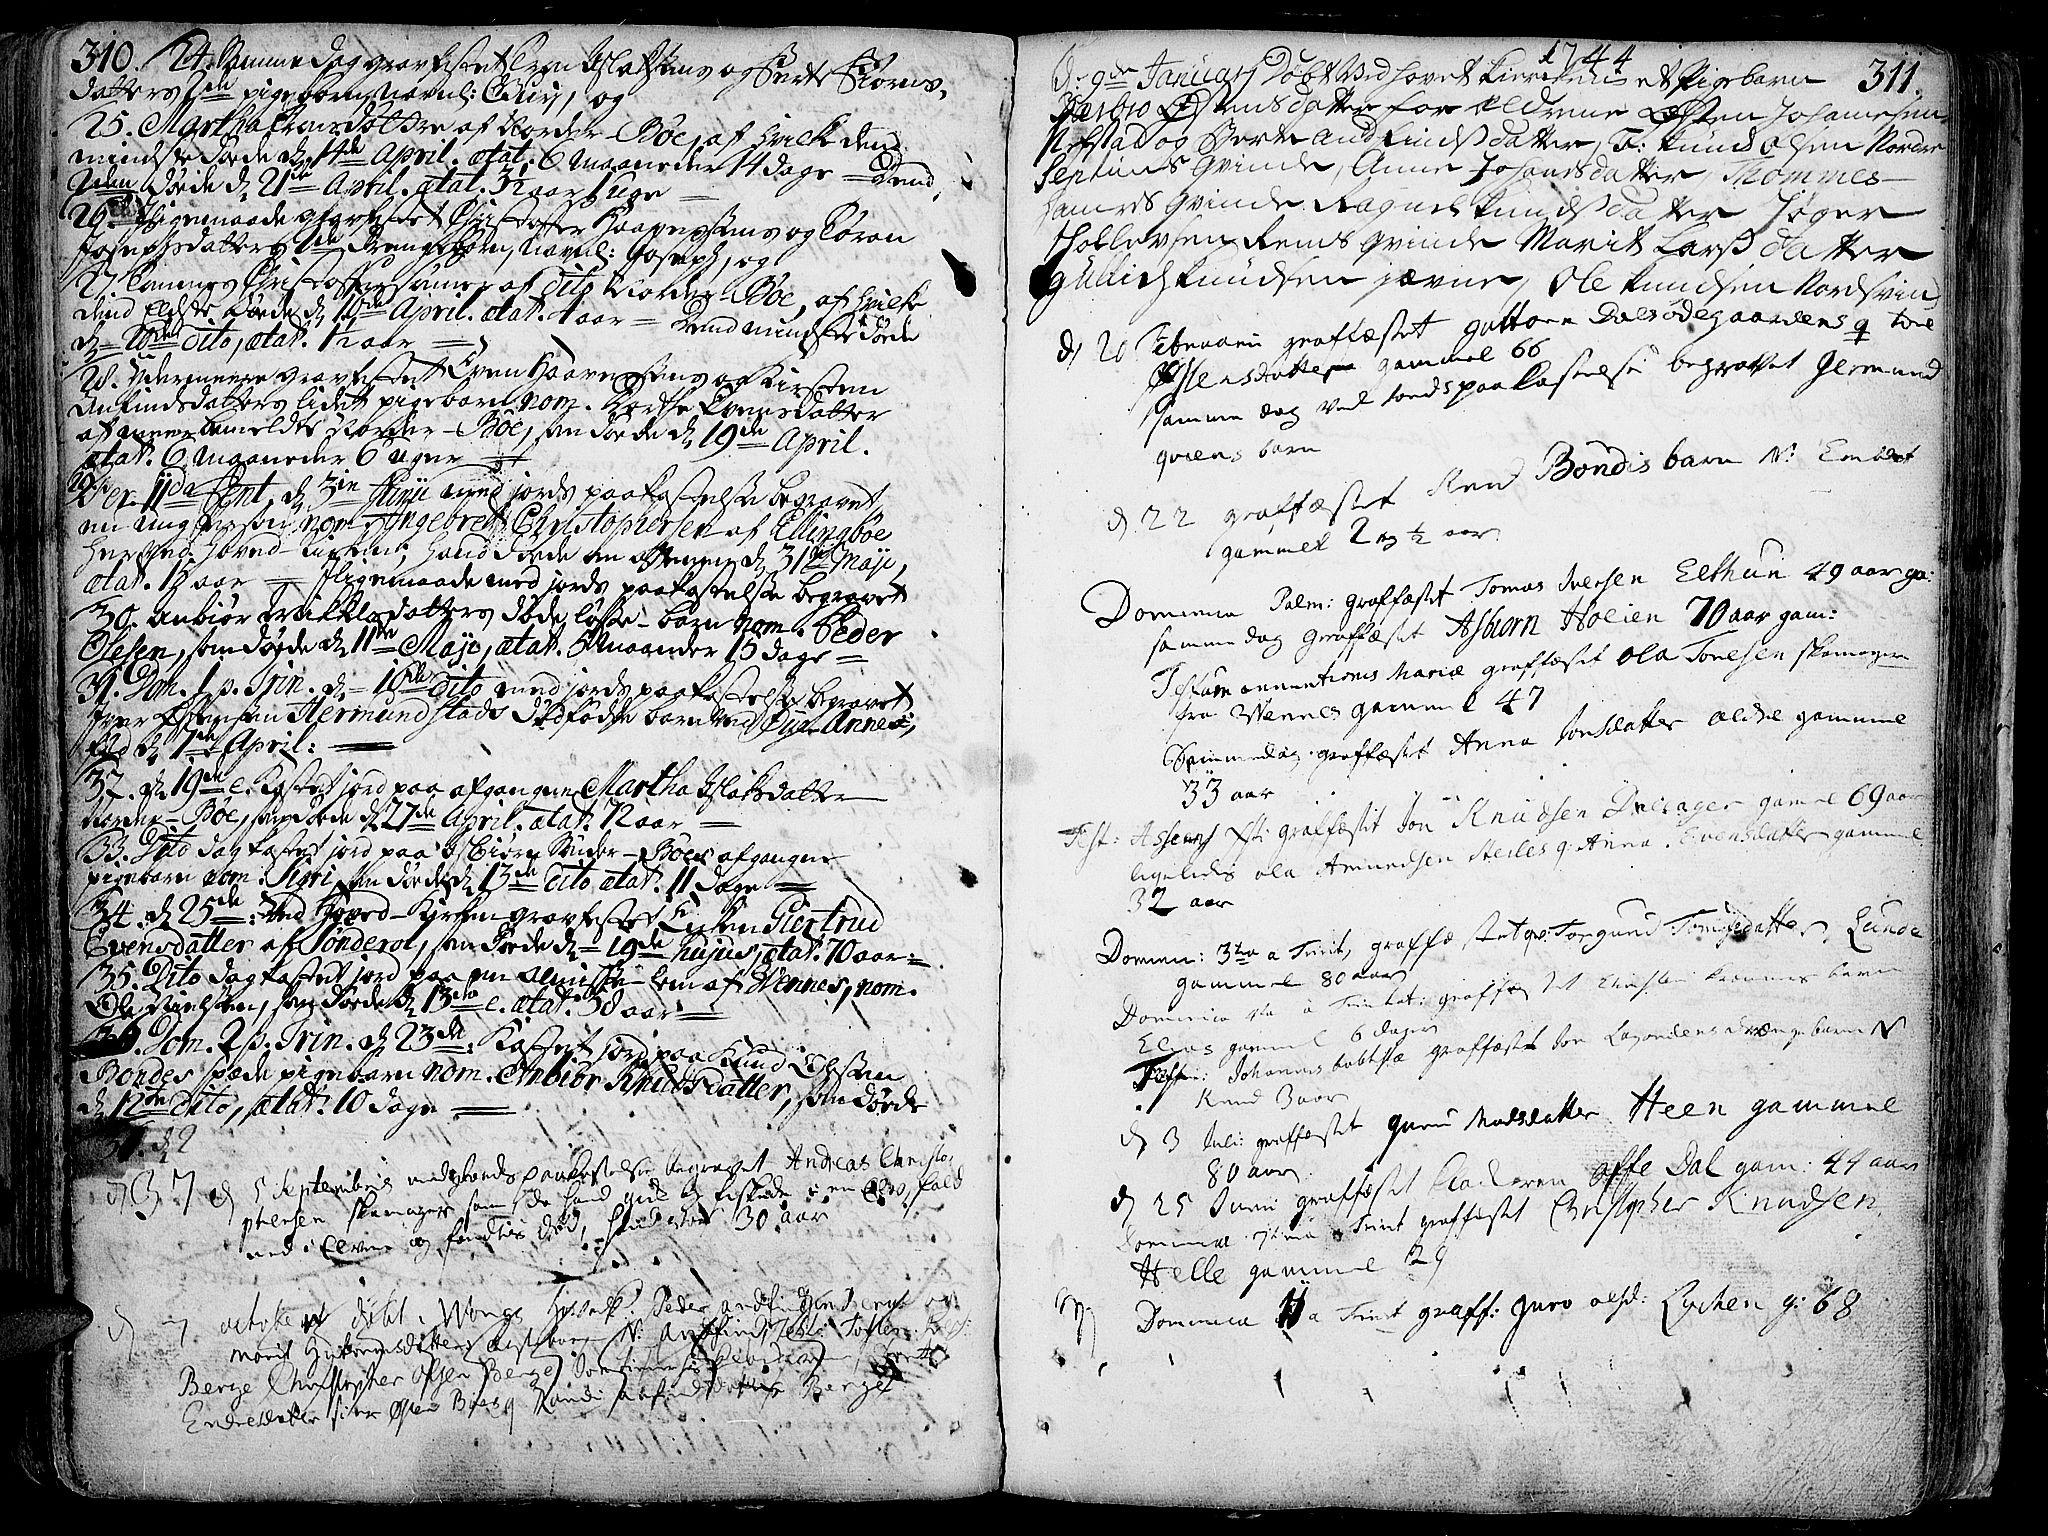 SAH, Vang prestekontor, Valdres, Ministerialbok nr. 1, 1730-1796, s. 310-311